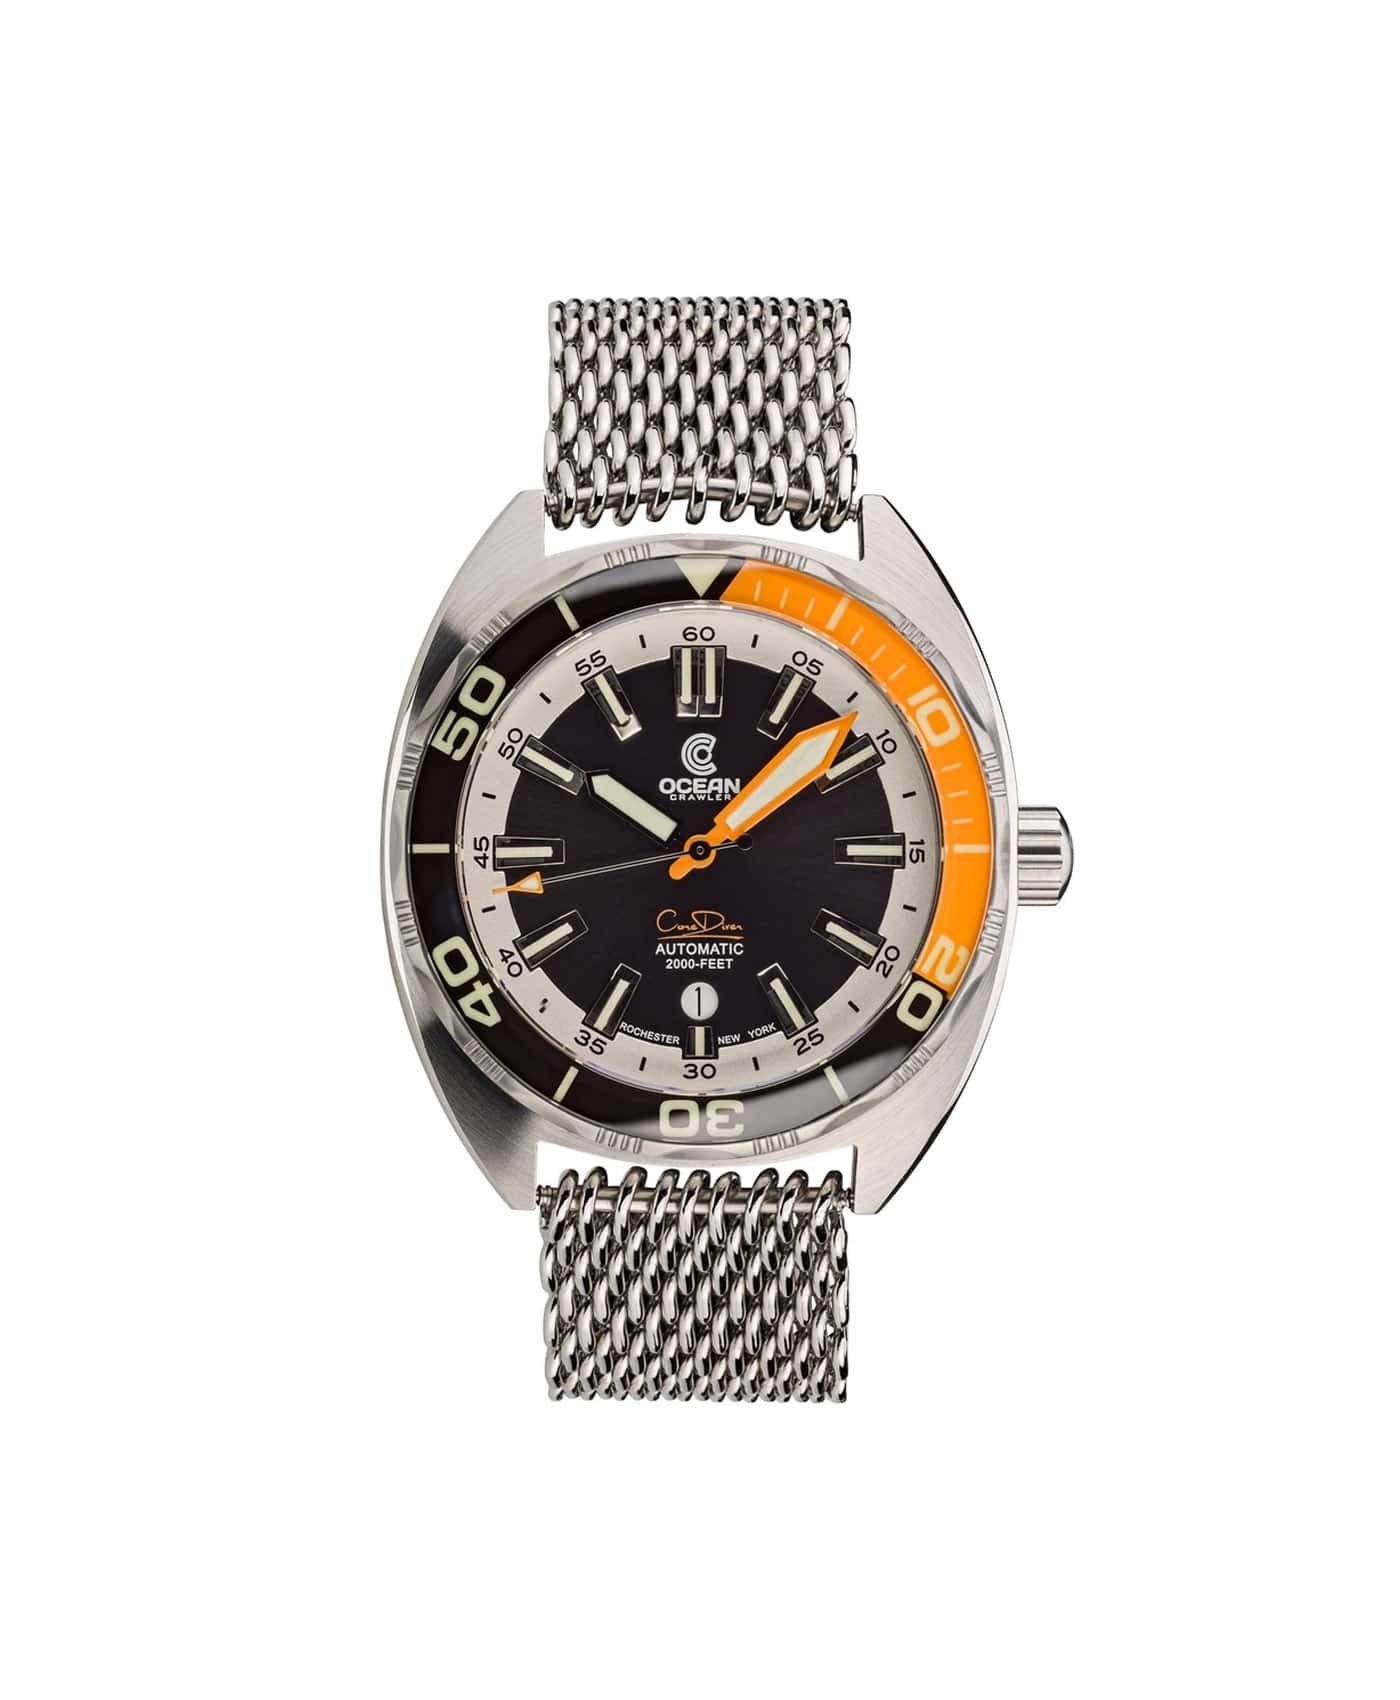 Ocean Crawler Core Diver Black Orange v3